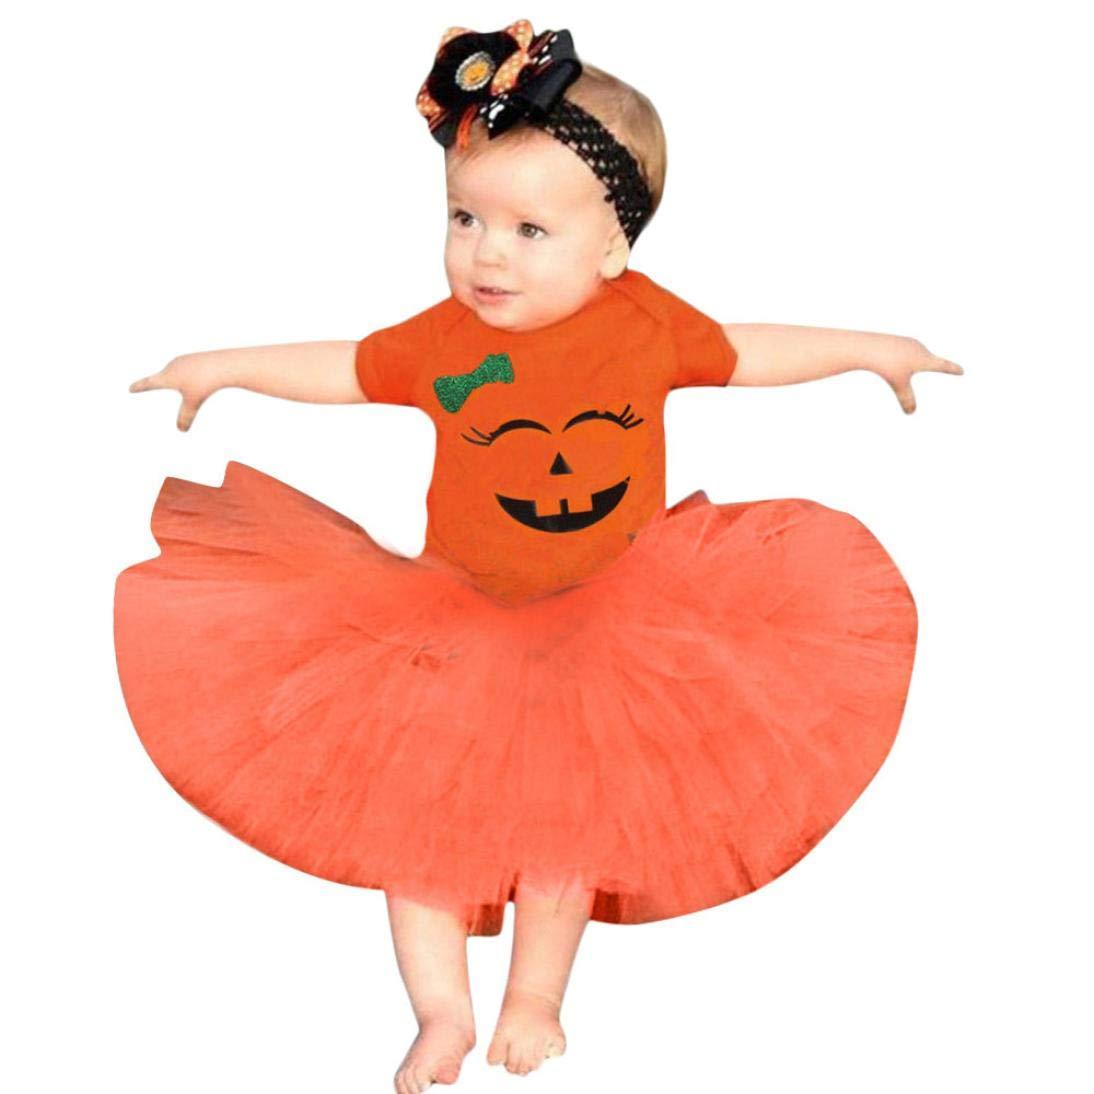 Conjuntos Bebe, ASHOP 0-24 Meses Niña Otoño/Invierno Ropa Conjuntos, Sonrisa de Dibujos Animados Impresión Mameluco + Falda de Halloween ASHOP_1208